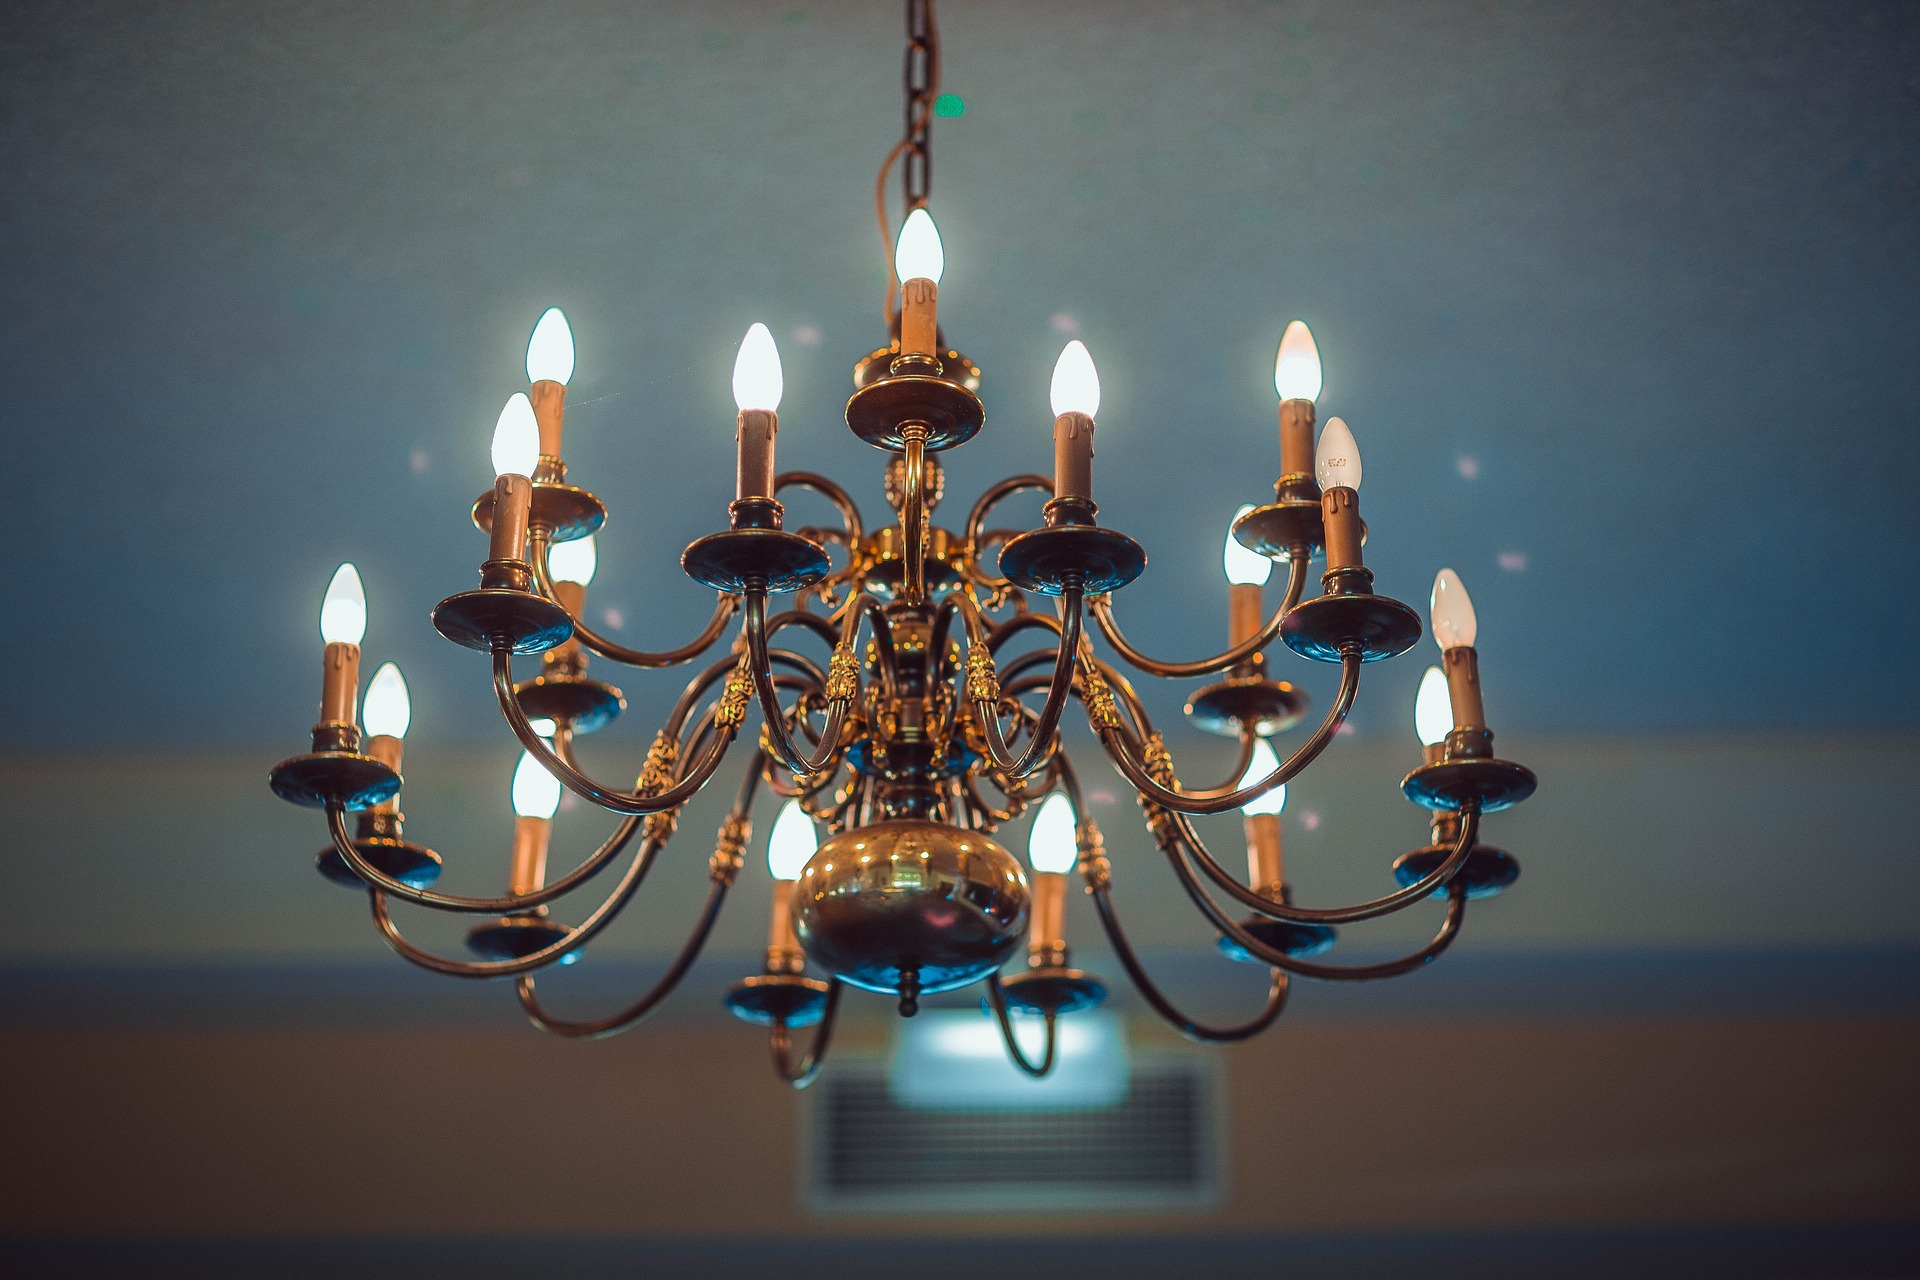 Kronleuchter Chabby Chic ~ Die prächtigste lampe der welt der kronleuchter